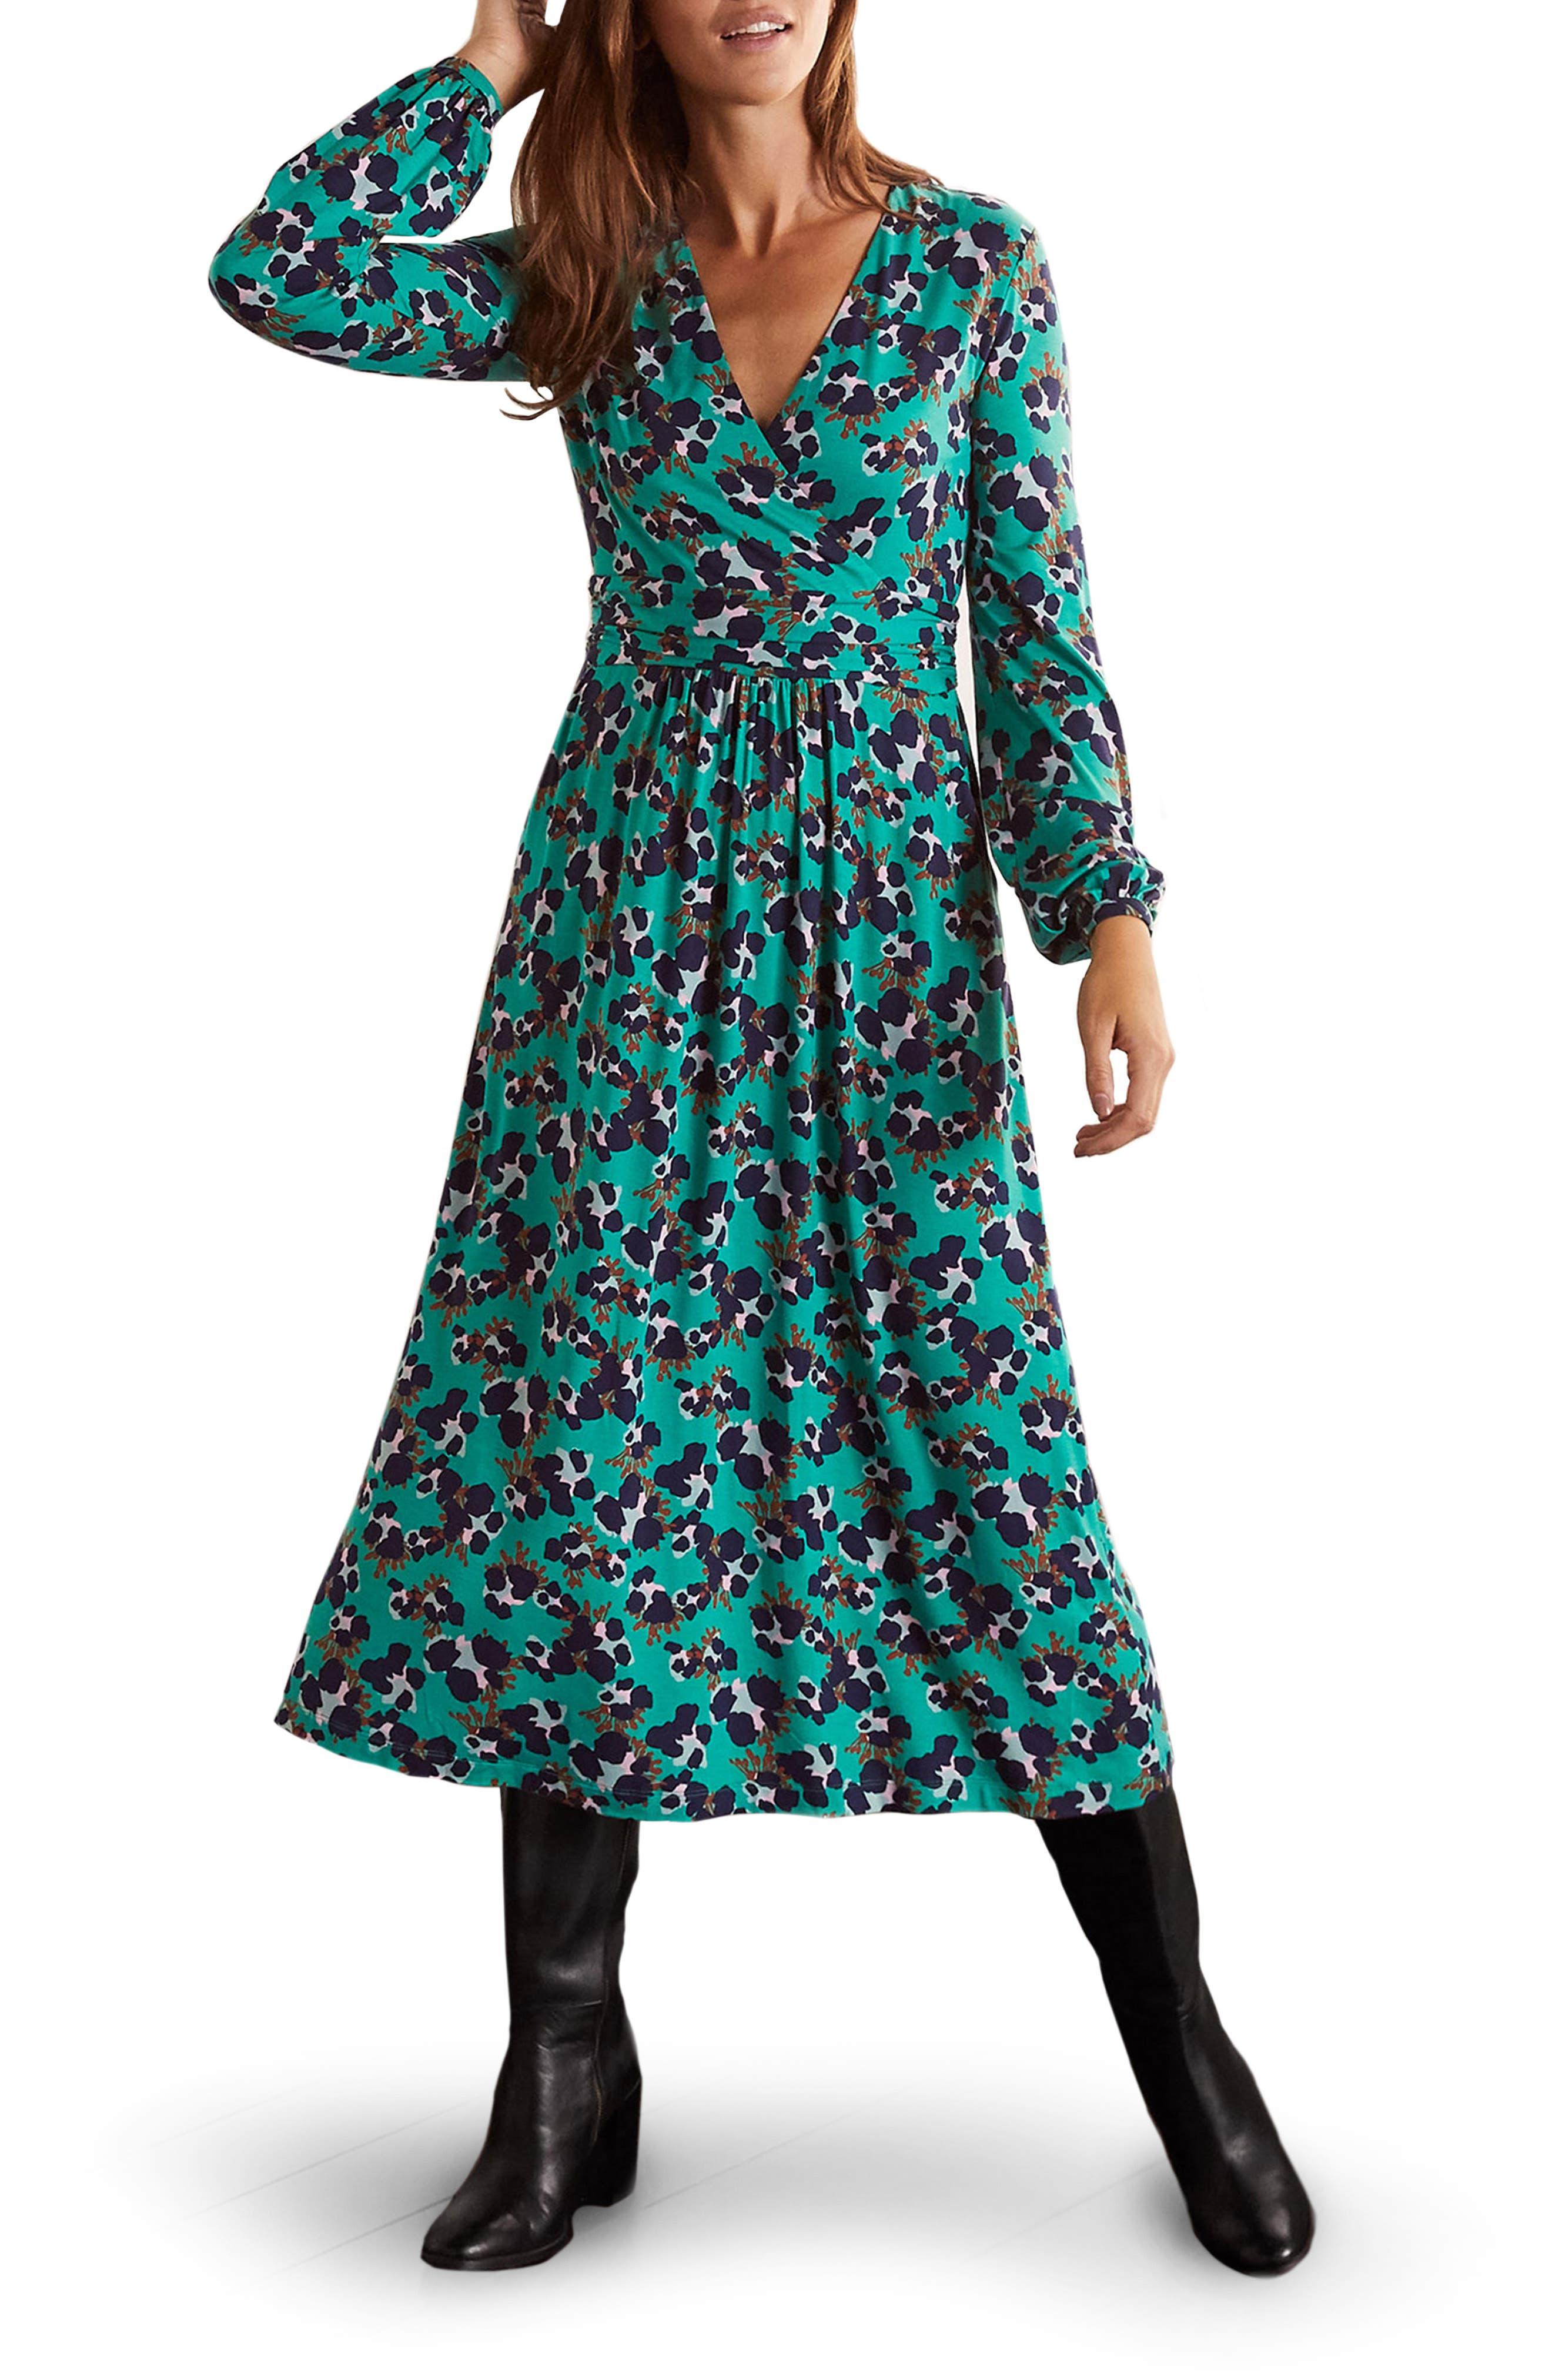 NEW BODEN ORANGE RED GREEN FLORAL VINTAGE  COTTON TEA DRESS  6 8 10 12 14 16